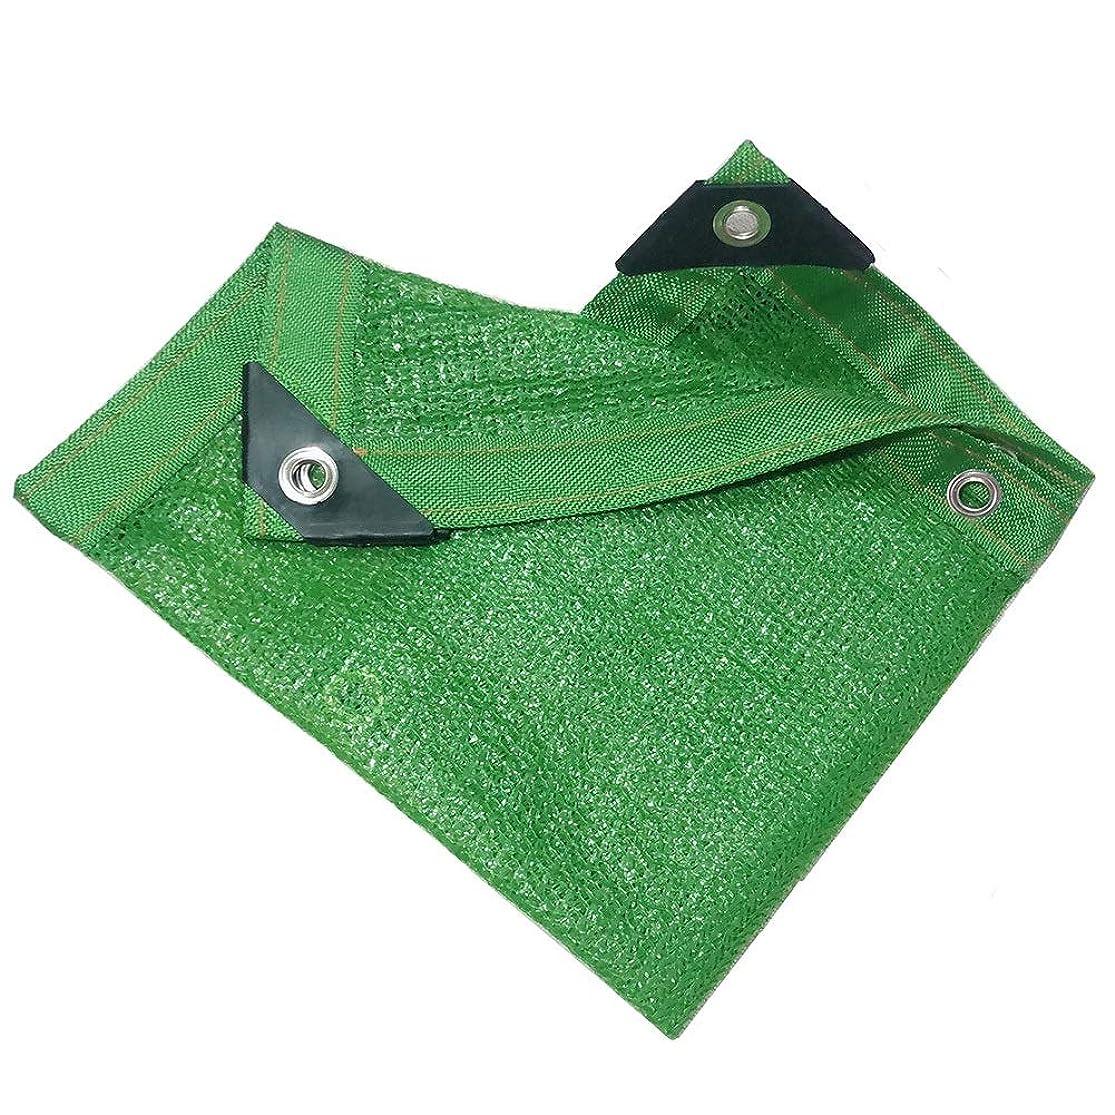 旅行五十それにもかかわらず農業用遮光ネット 90% 緑 日焼け止め 遮光ネット 6ステッチ バルコニー フラワーズ グリーンプラント 遮光ネット 23サイズ 家庭屋外日よけネットQFLY (Color : Green, Size : 4x8m)